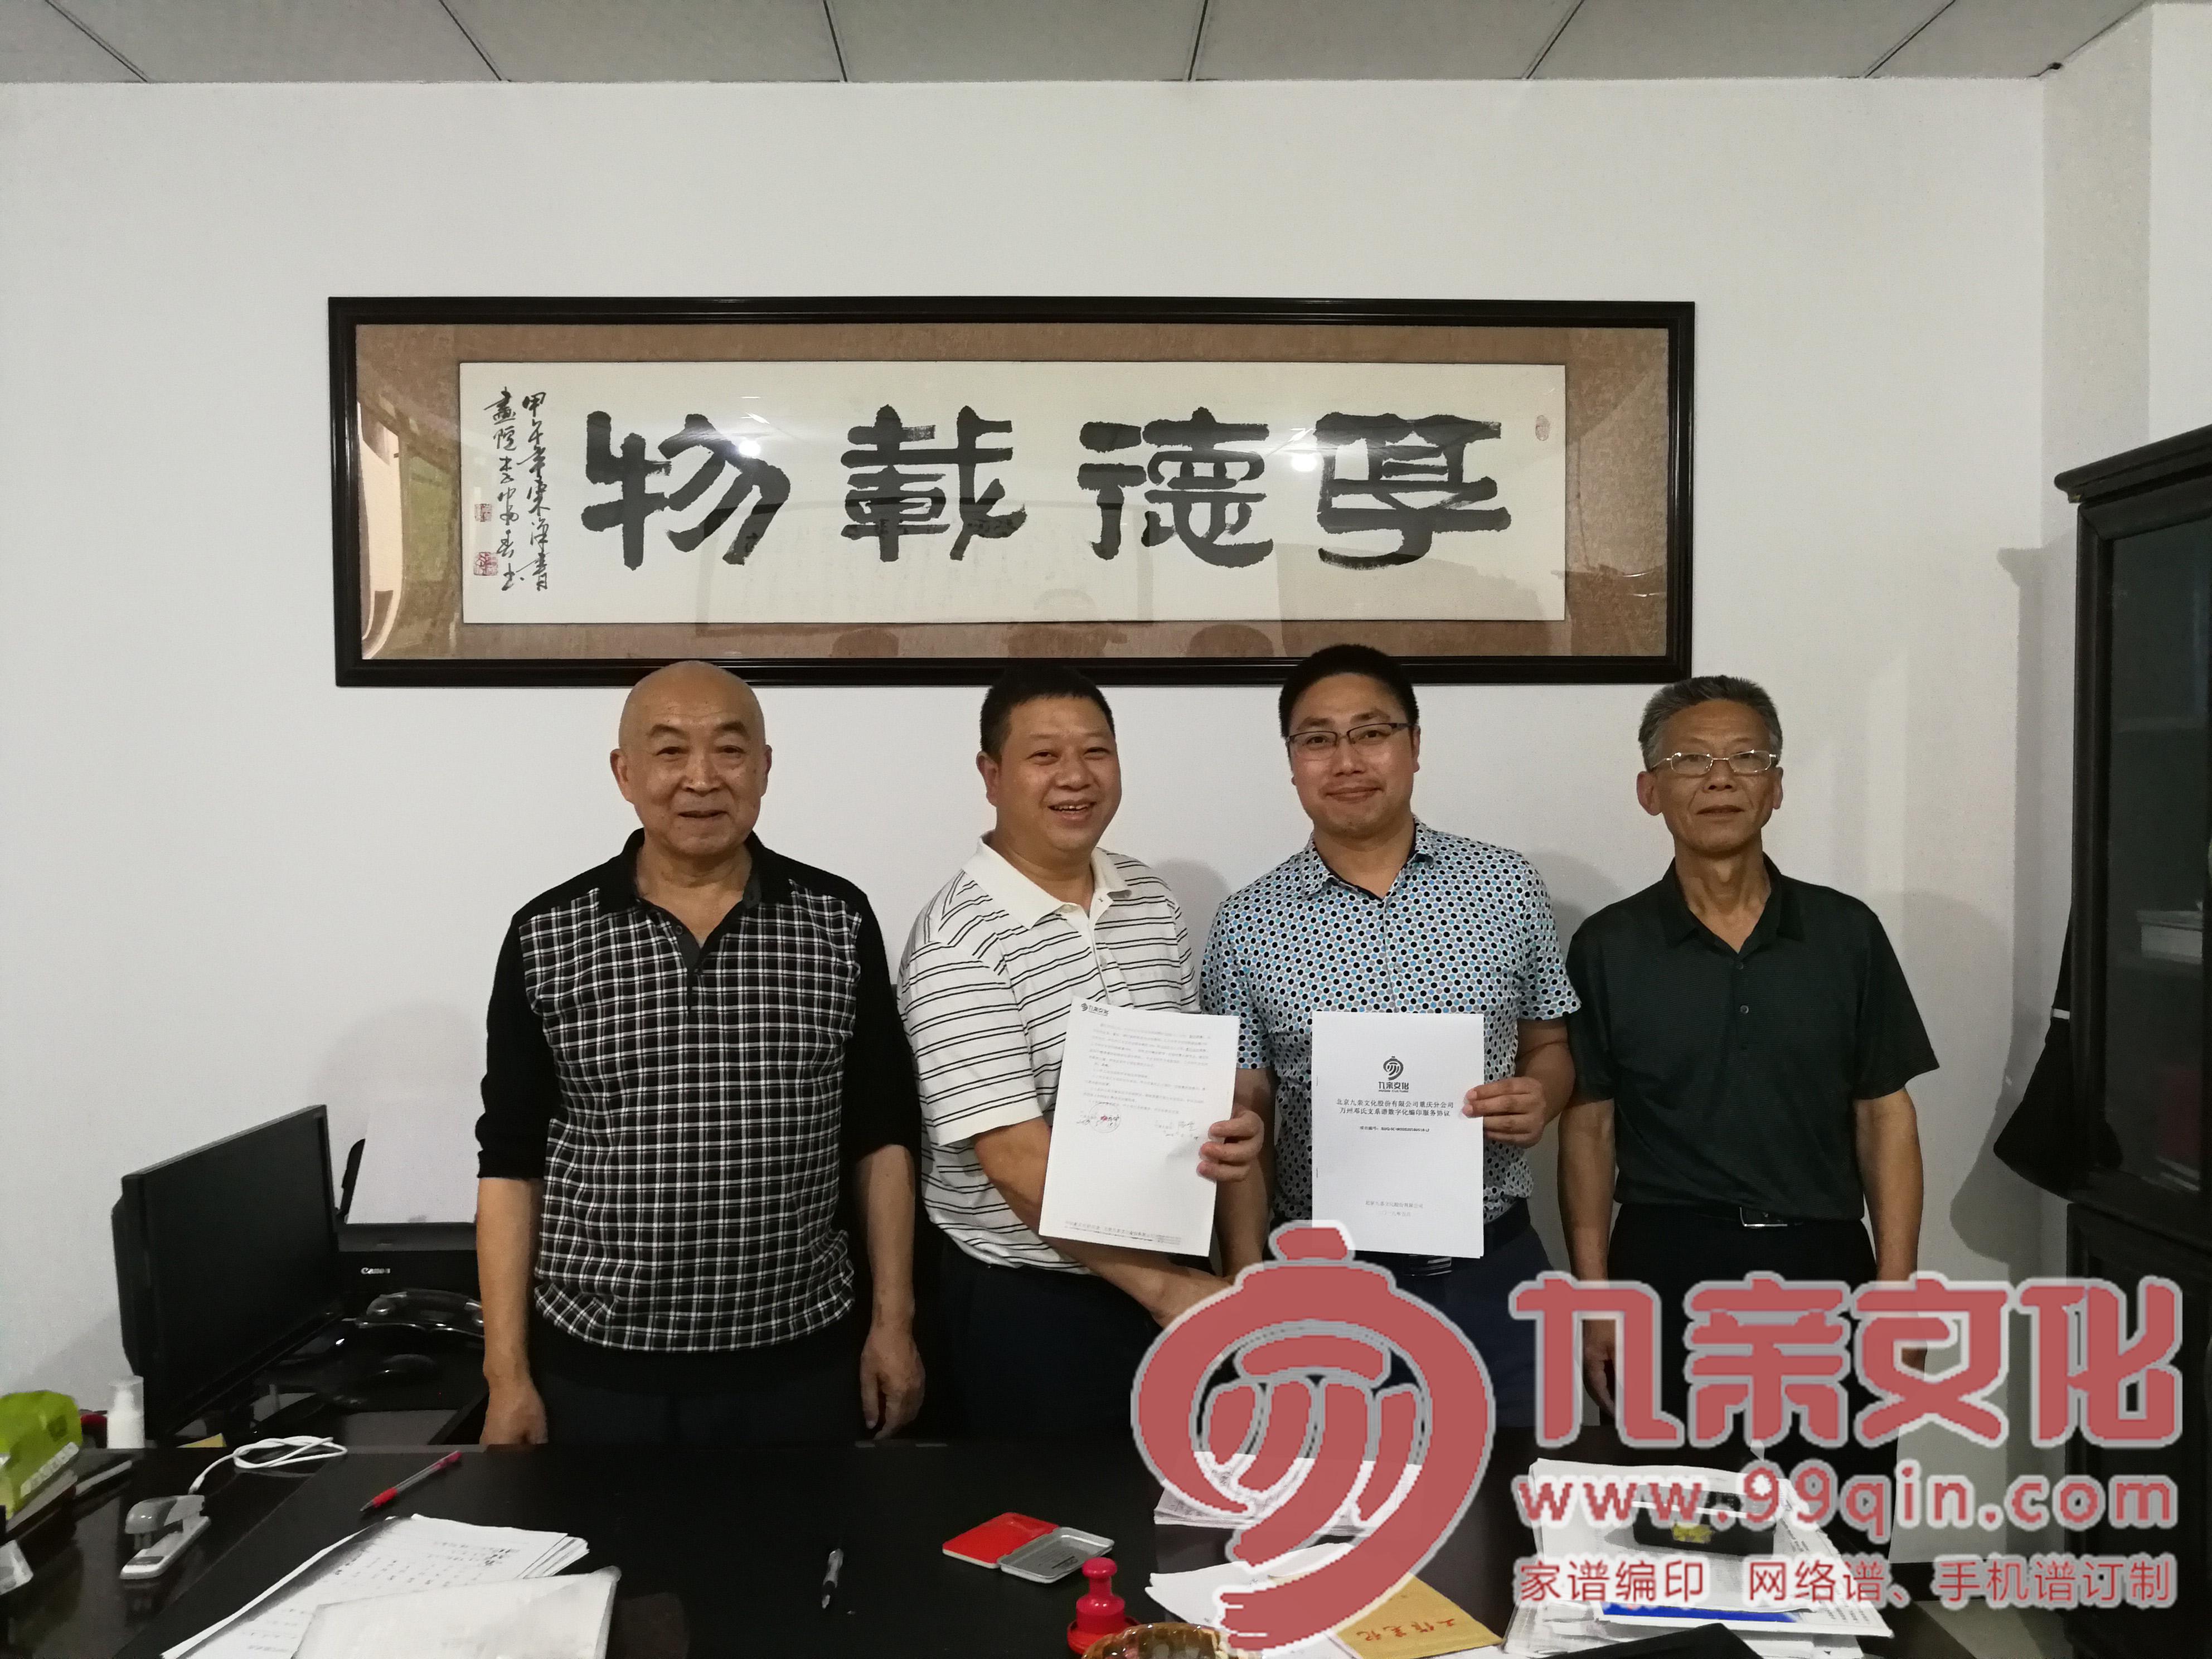 热烈祝贺万州邓氏与九亲文化签订家谱编修合作协议!